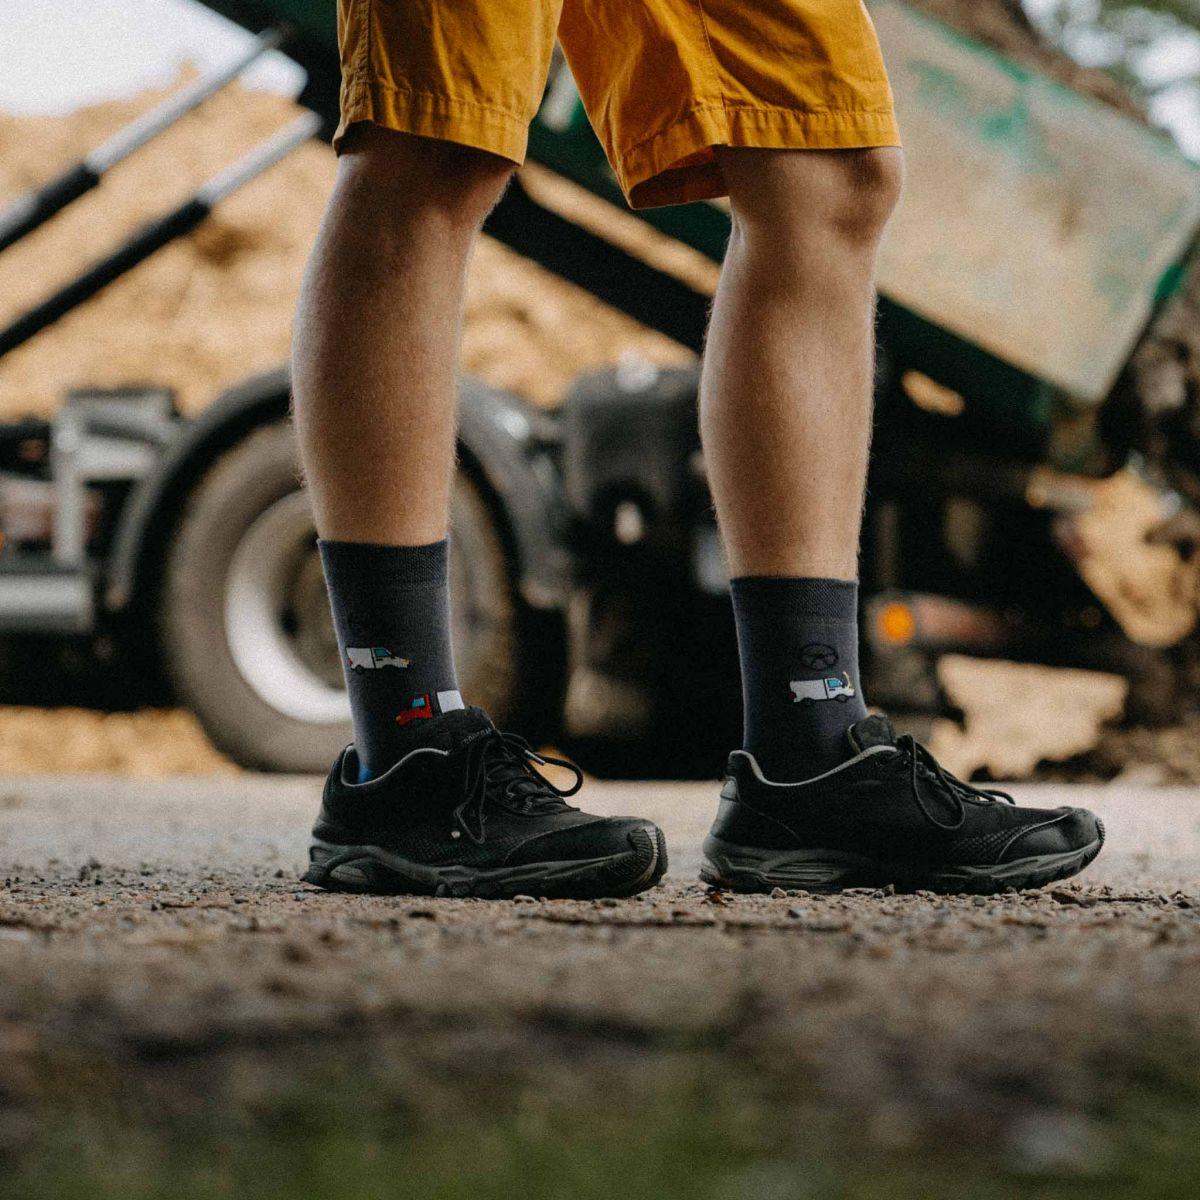 Ponožky - Řidič p1